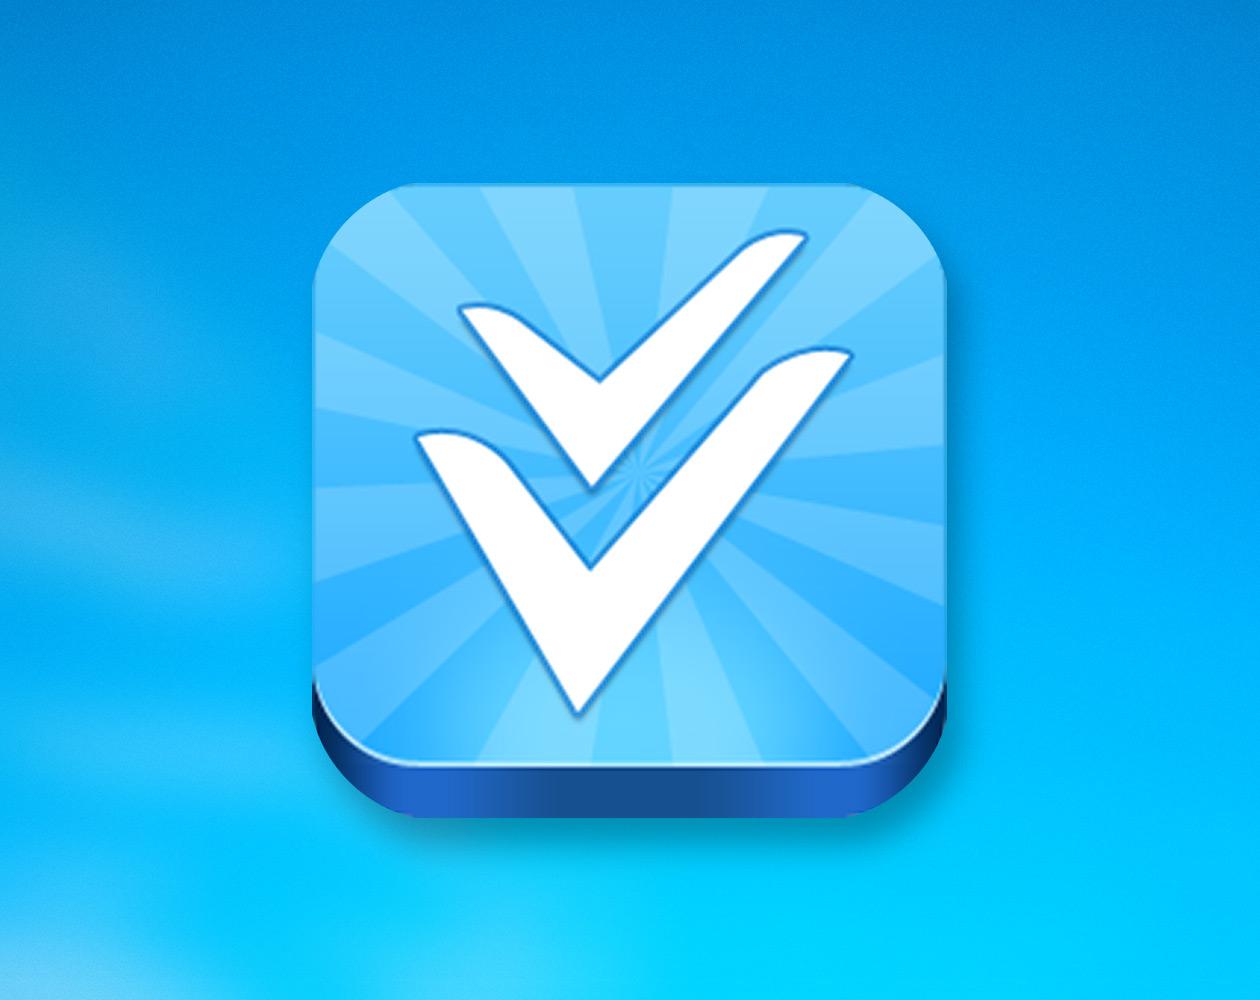 Скачать приложение на айфон бесплатно